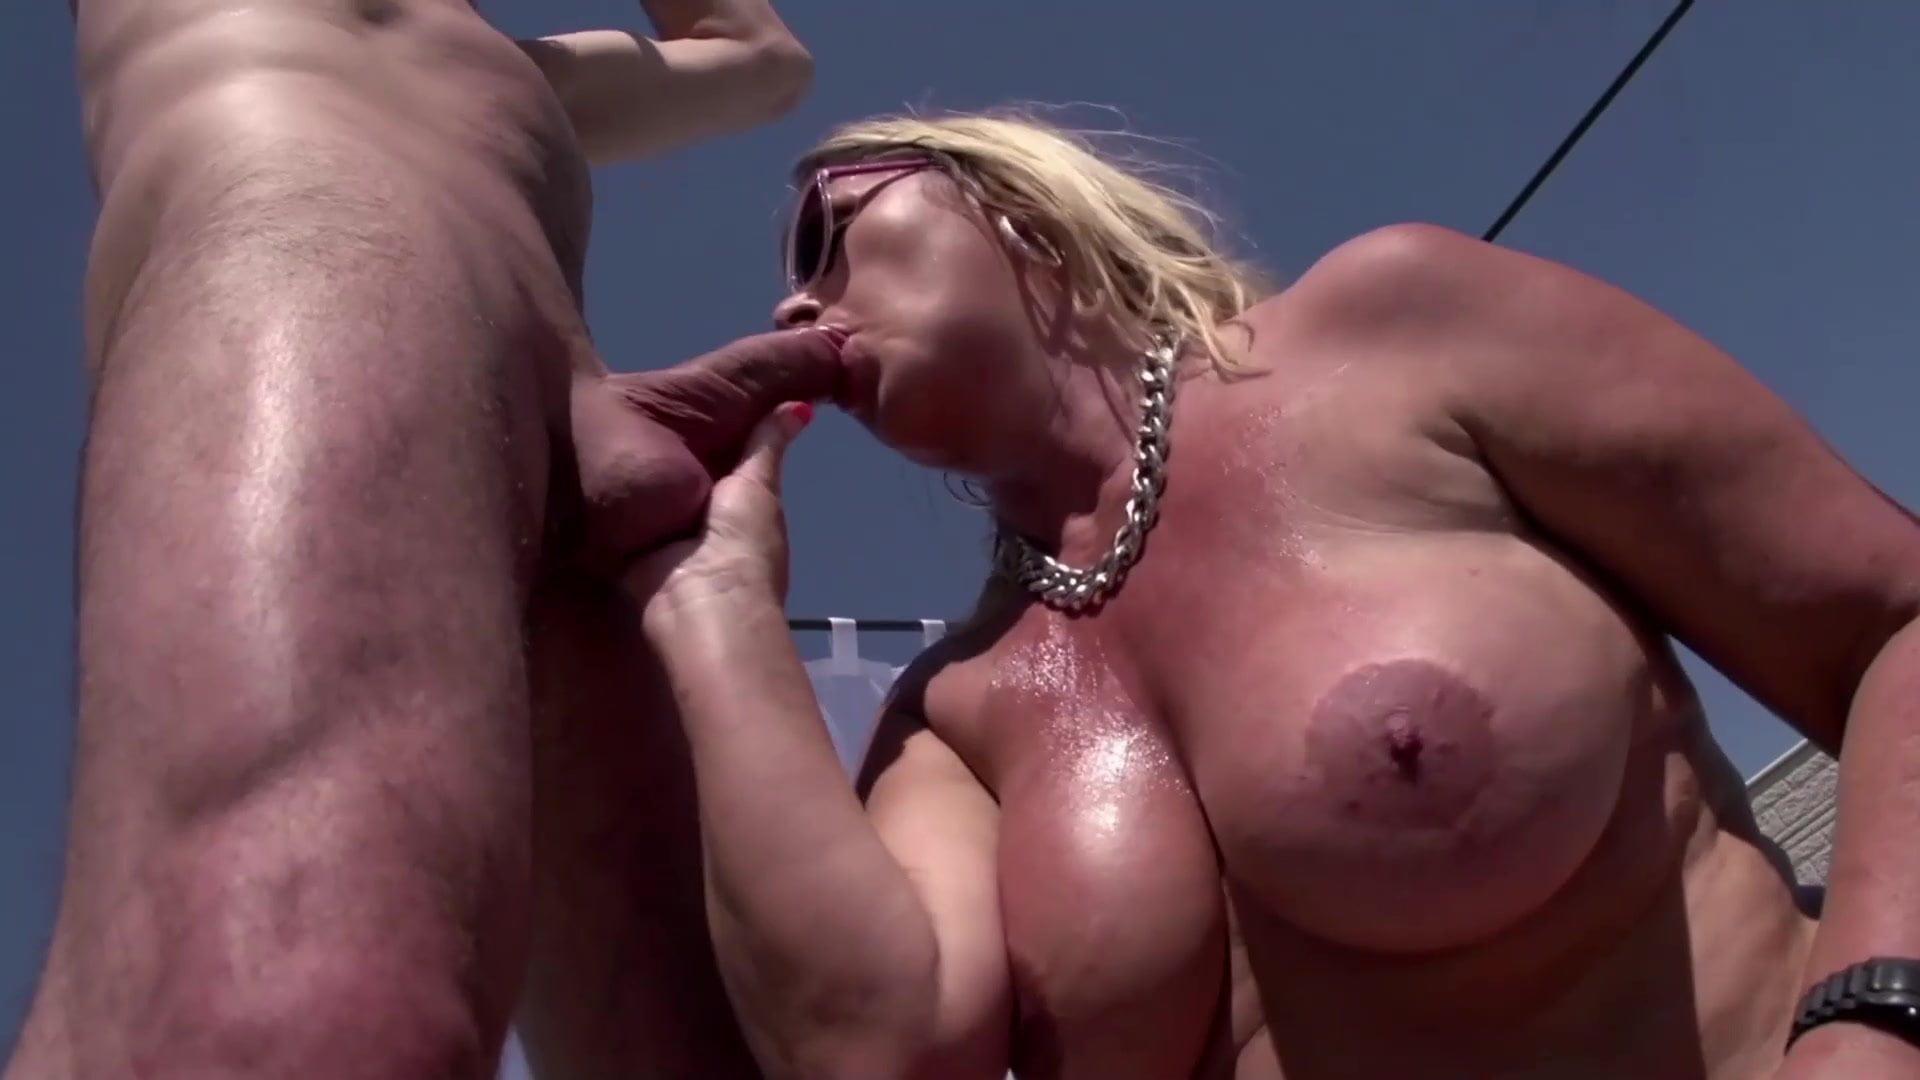 İşsiz adam zengin milf kadını sikiyor